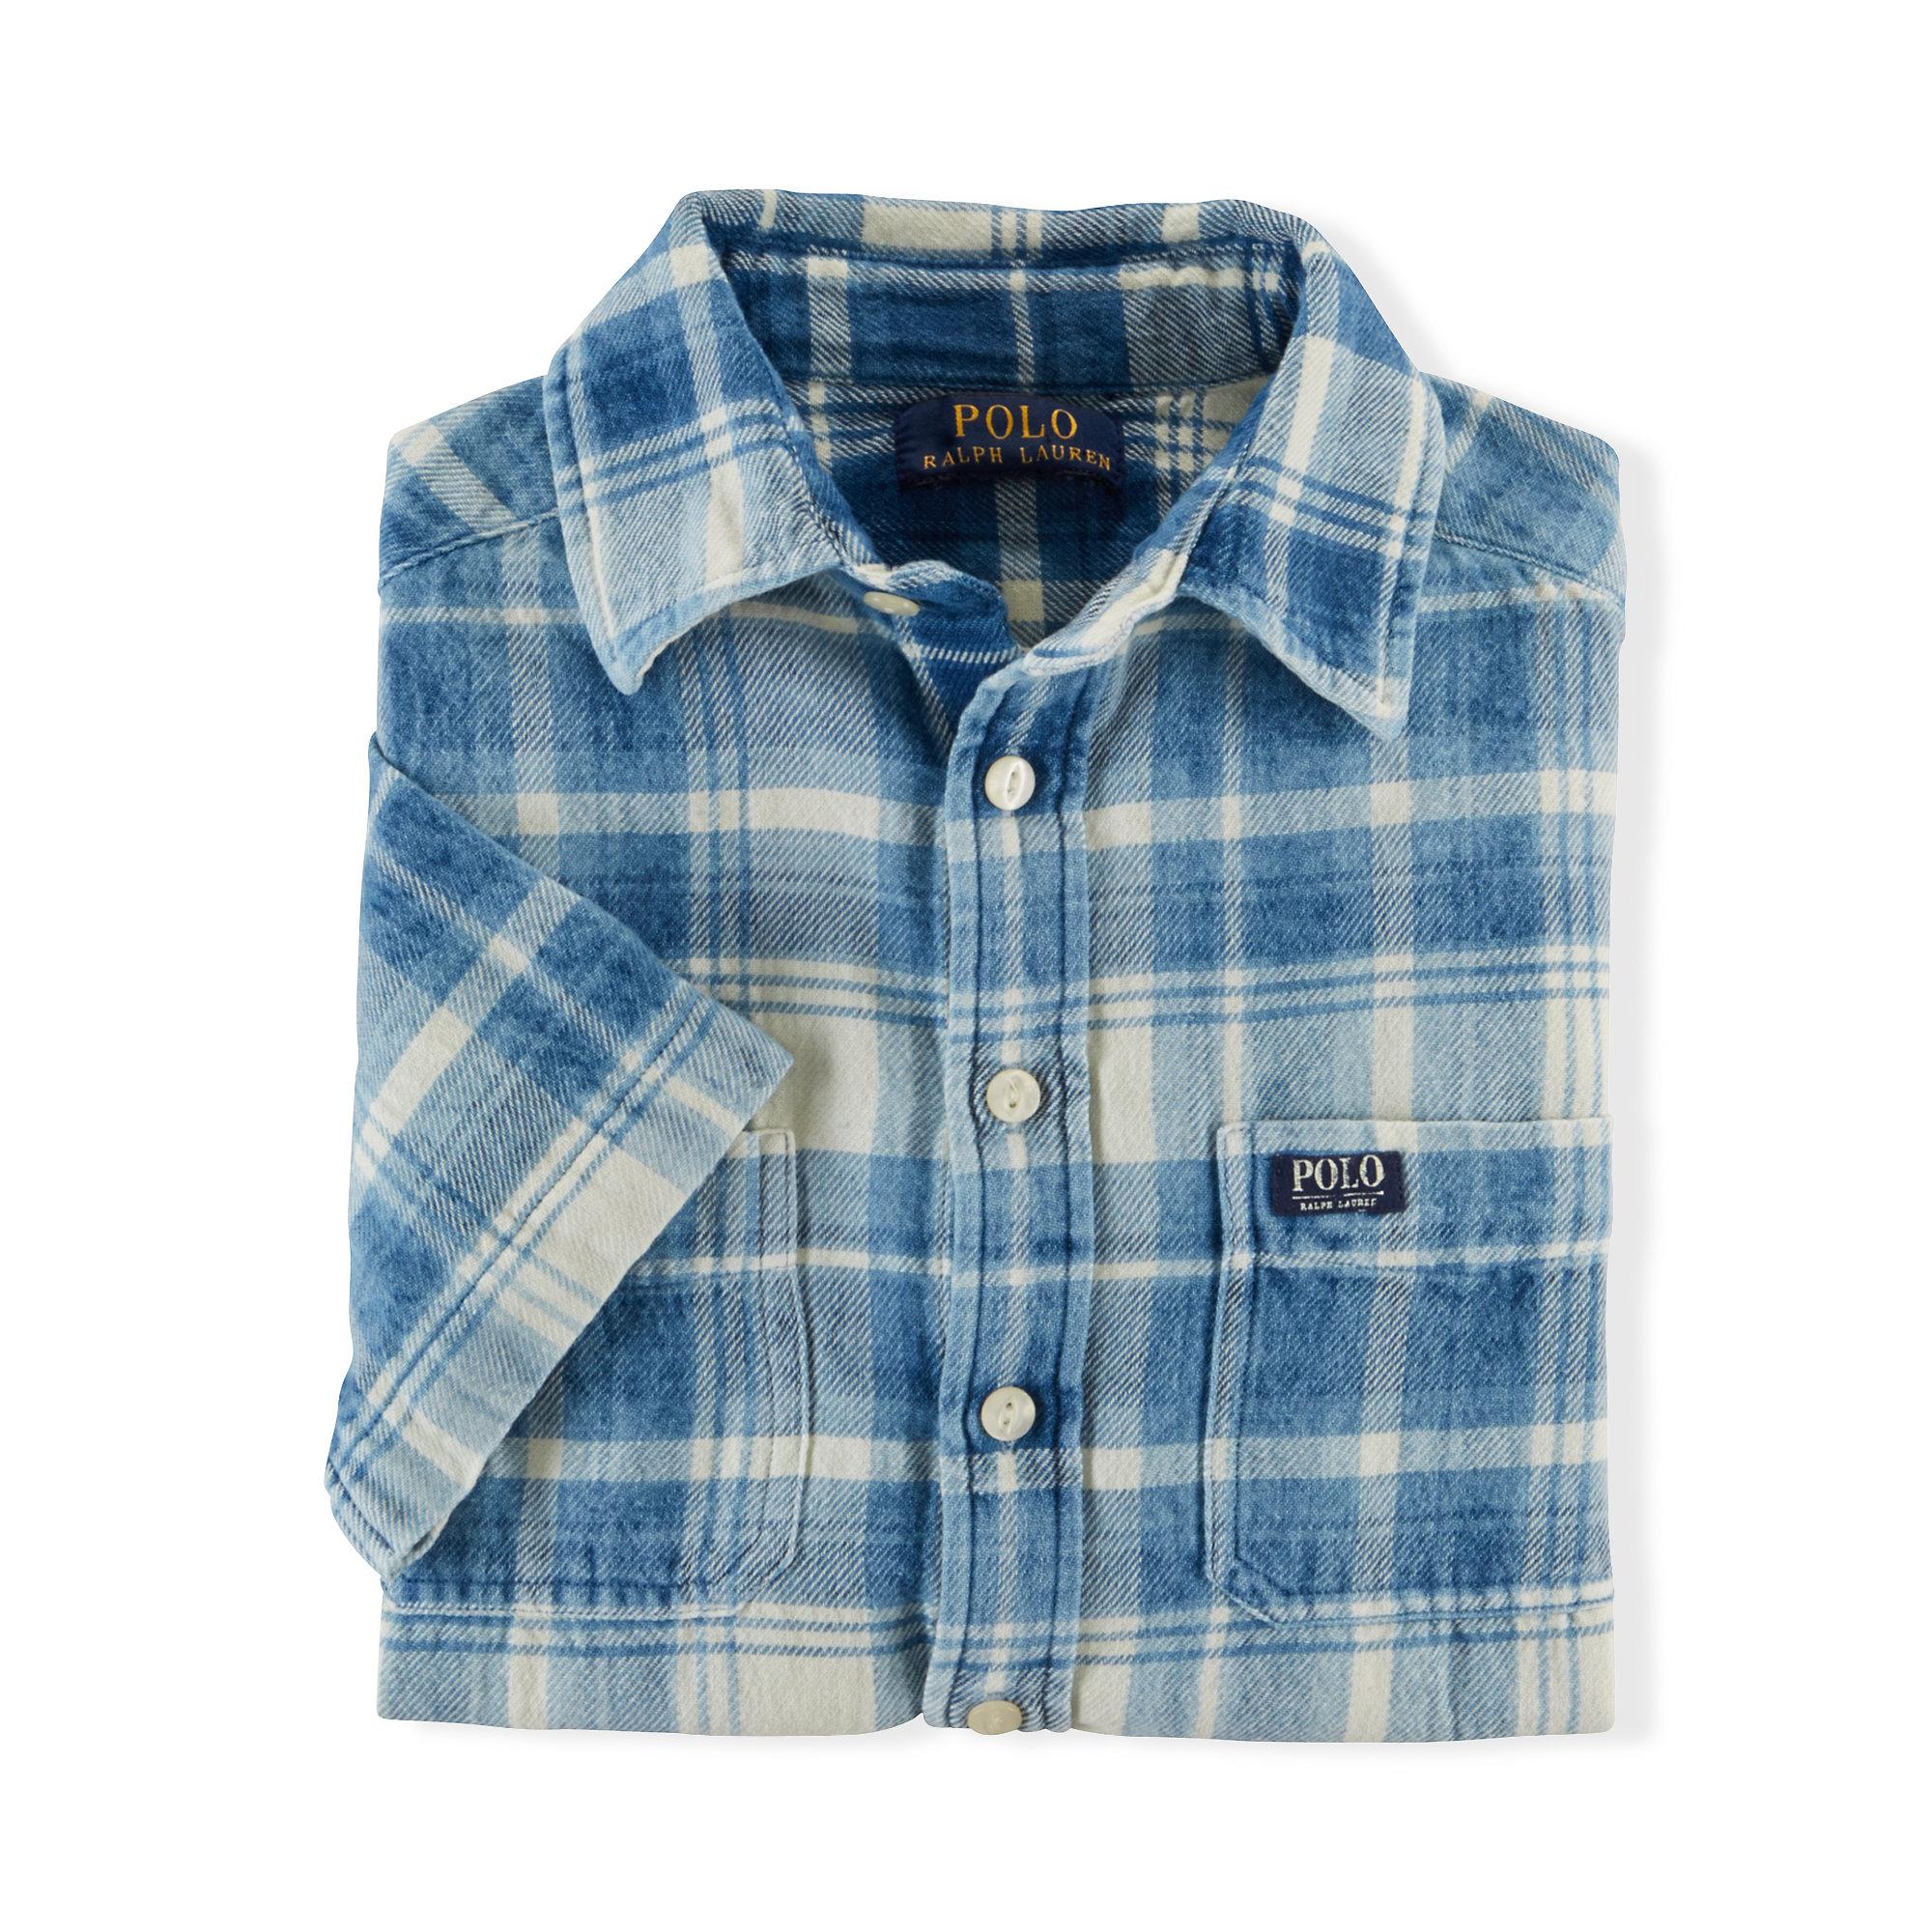 Ralph lauren indigo plaid cotton workshirt in blue for men for White cotton work shirts